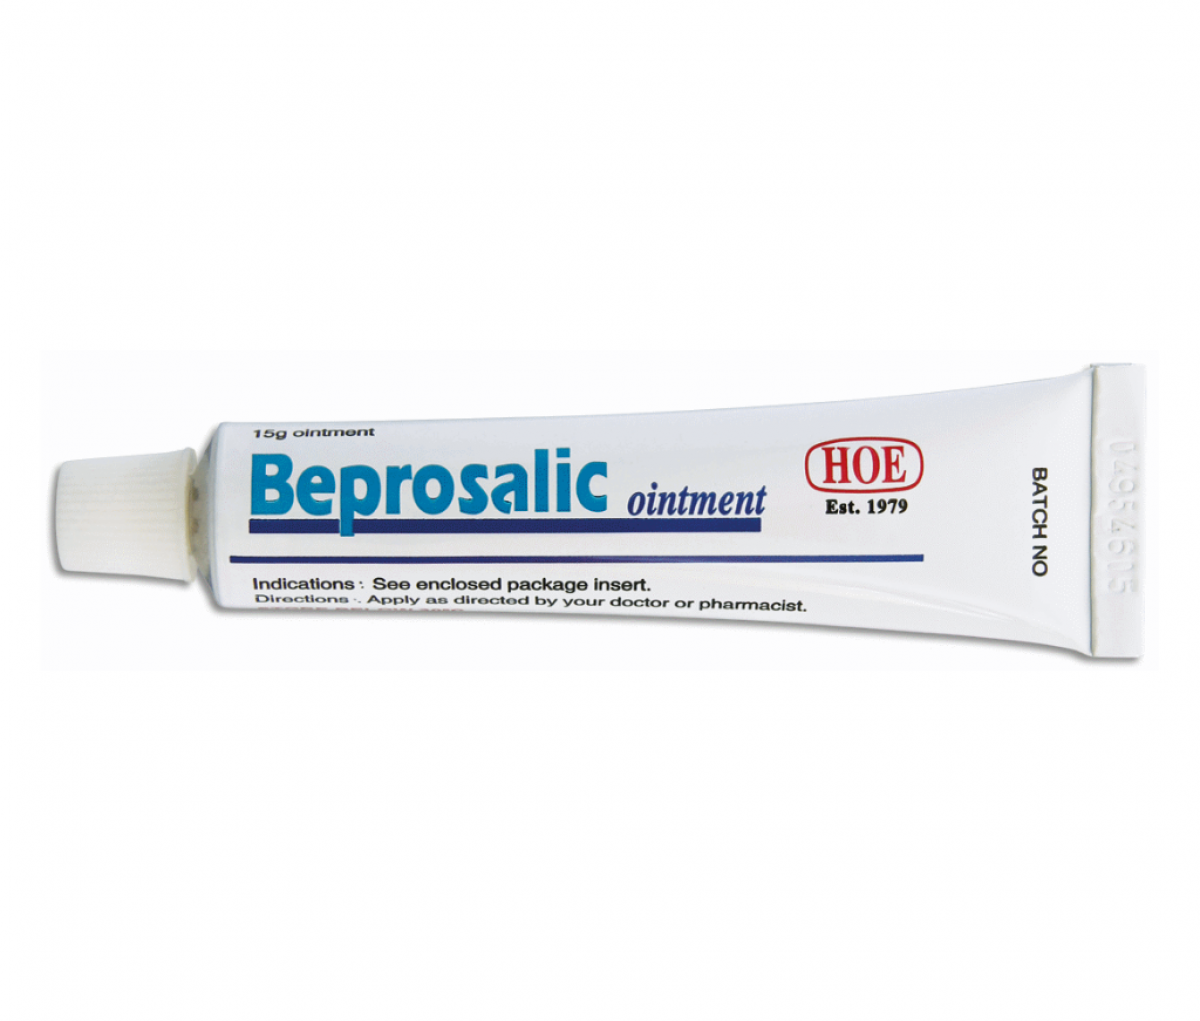 Beprosalic Ointment 15g